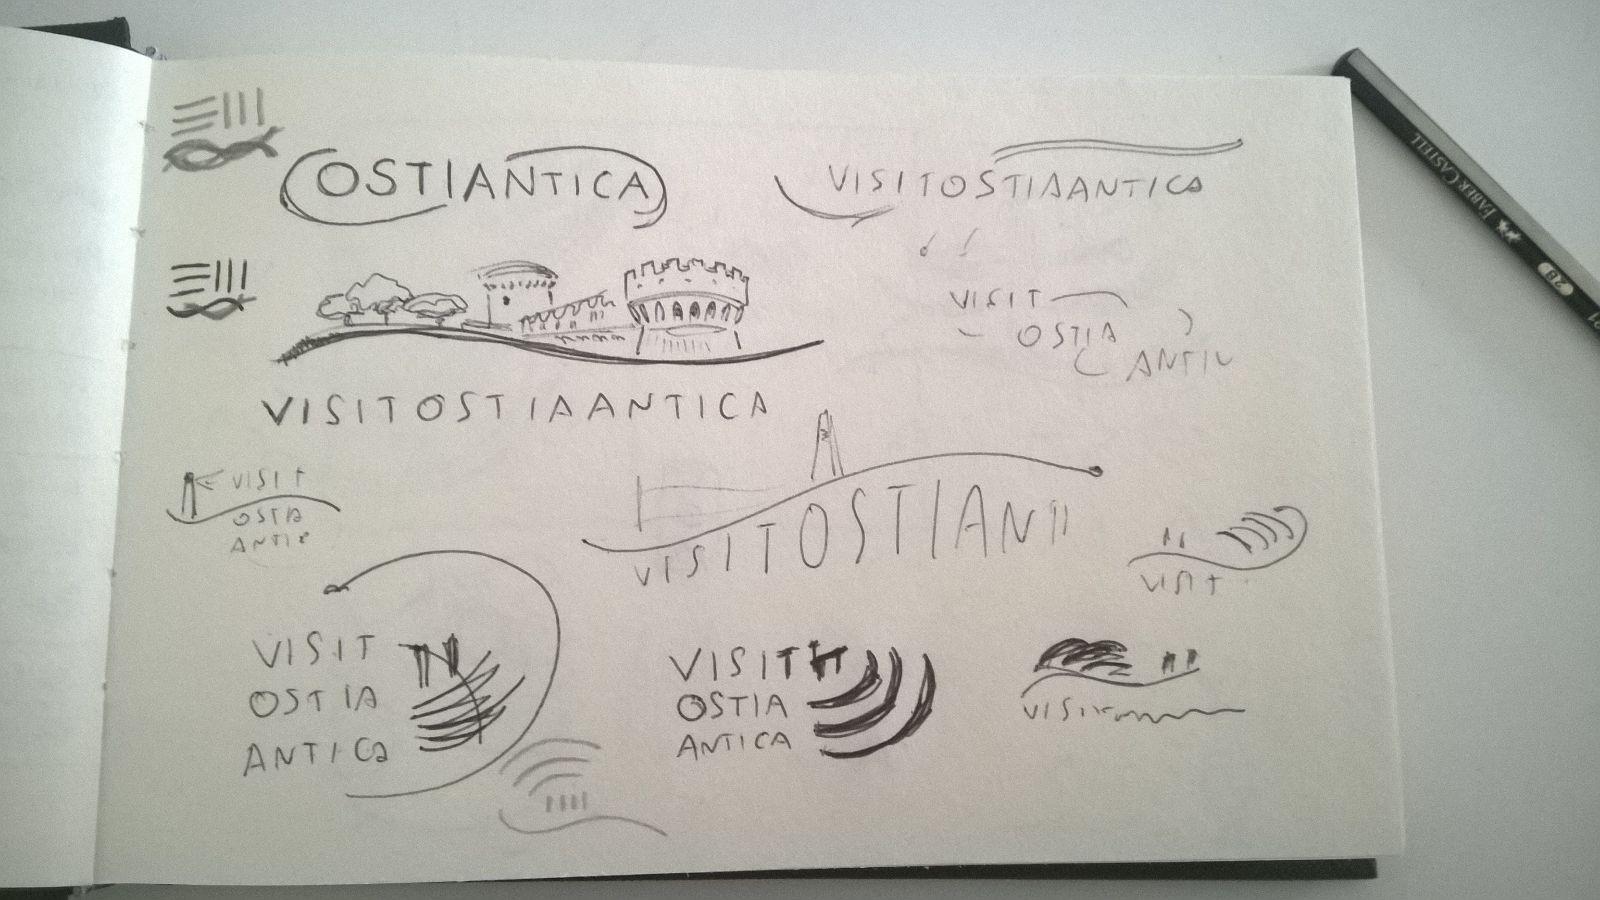 disegno schizzi logo turistico ostia antica